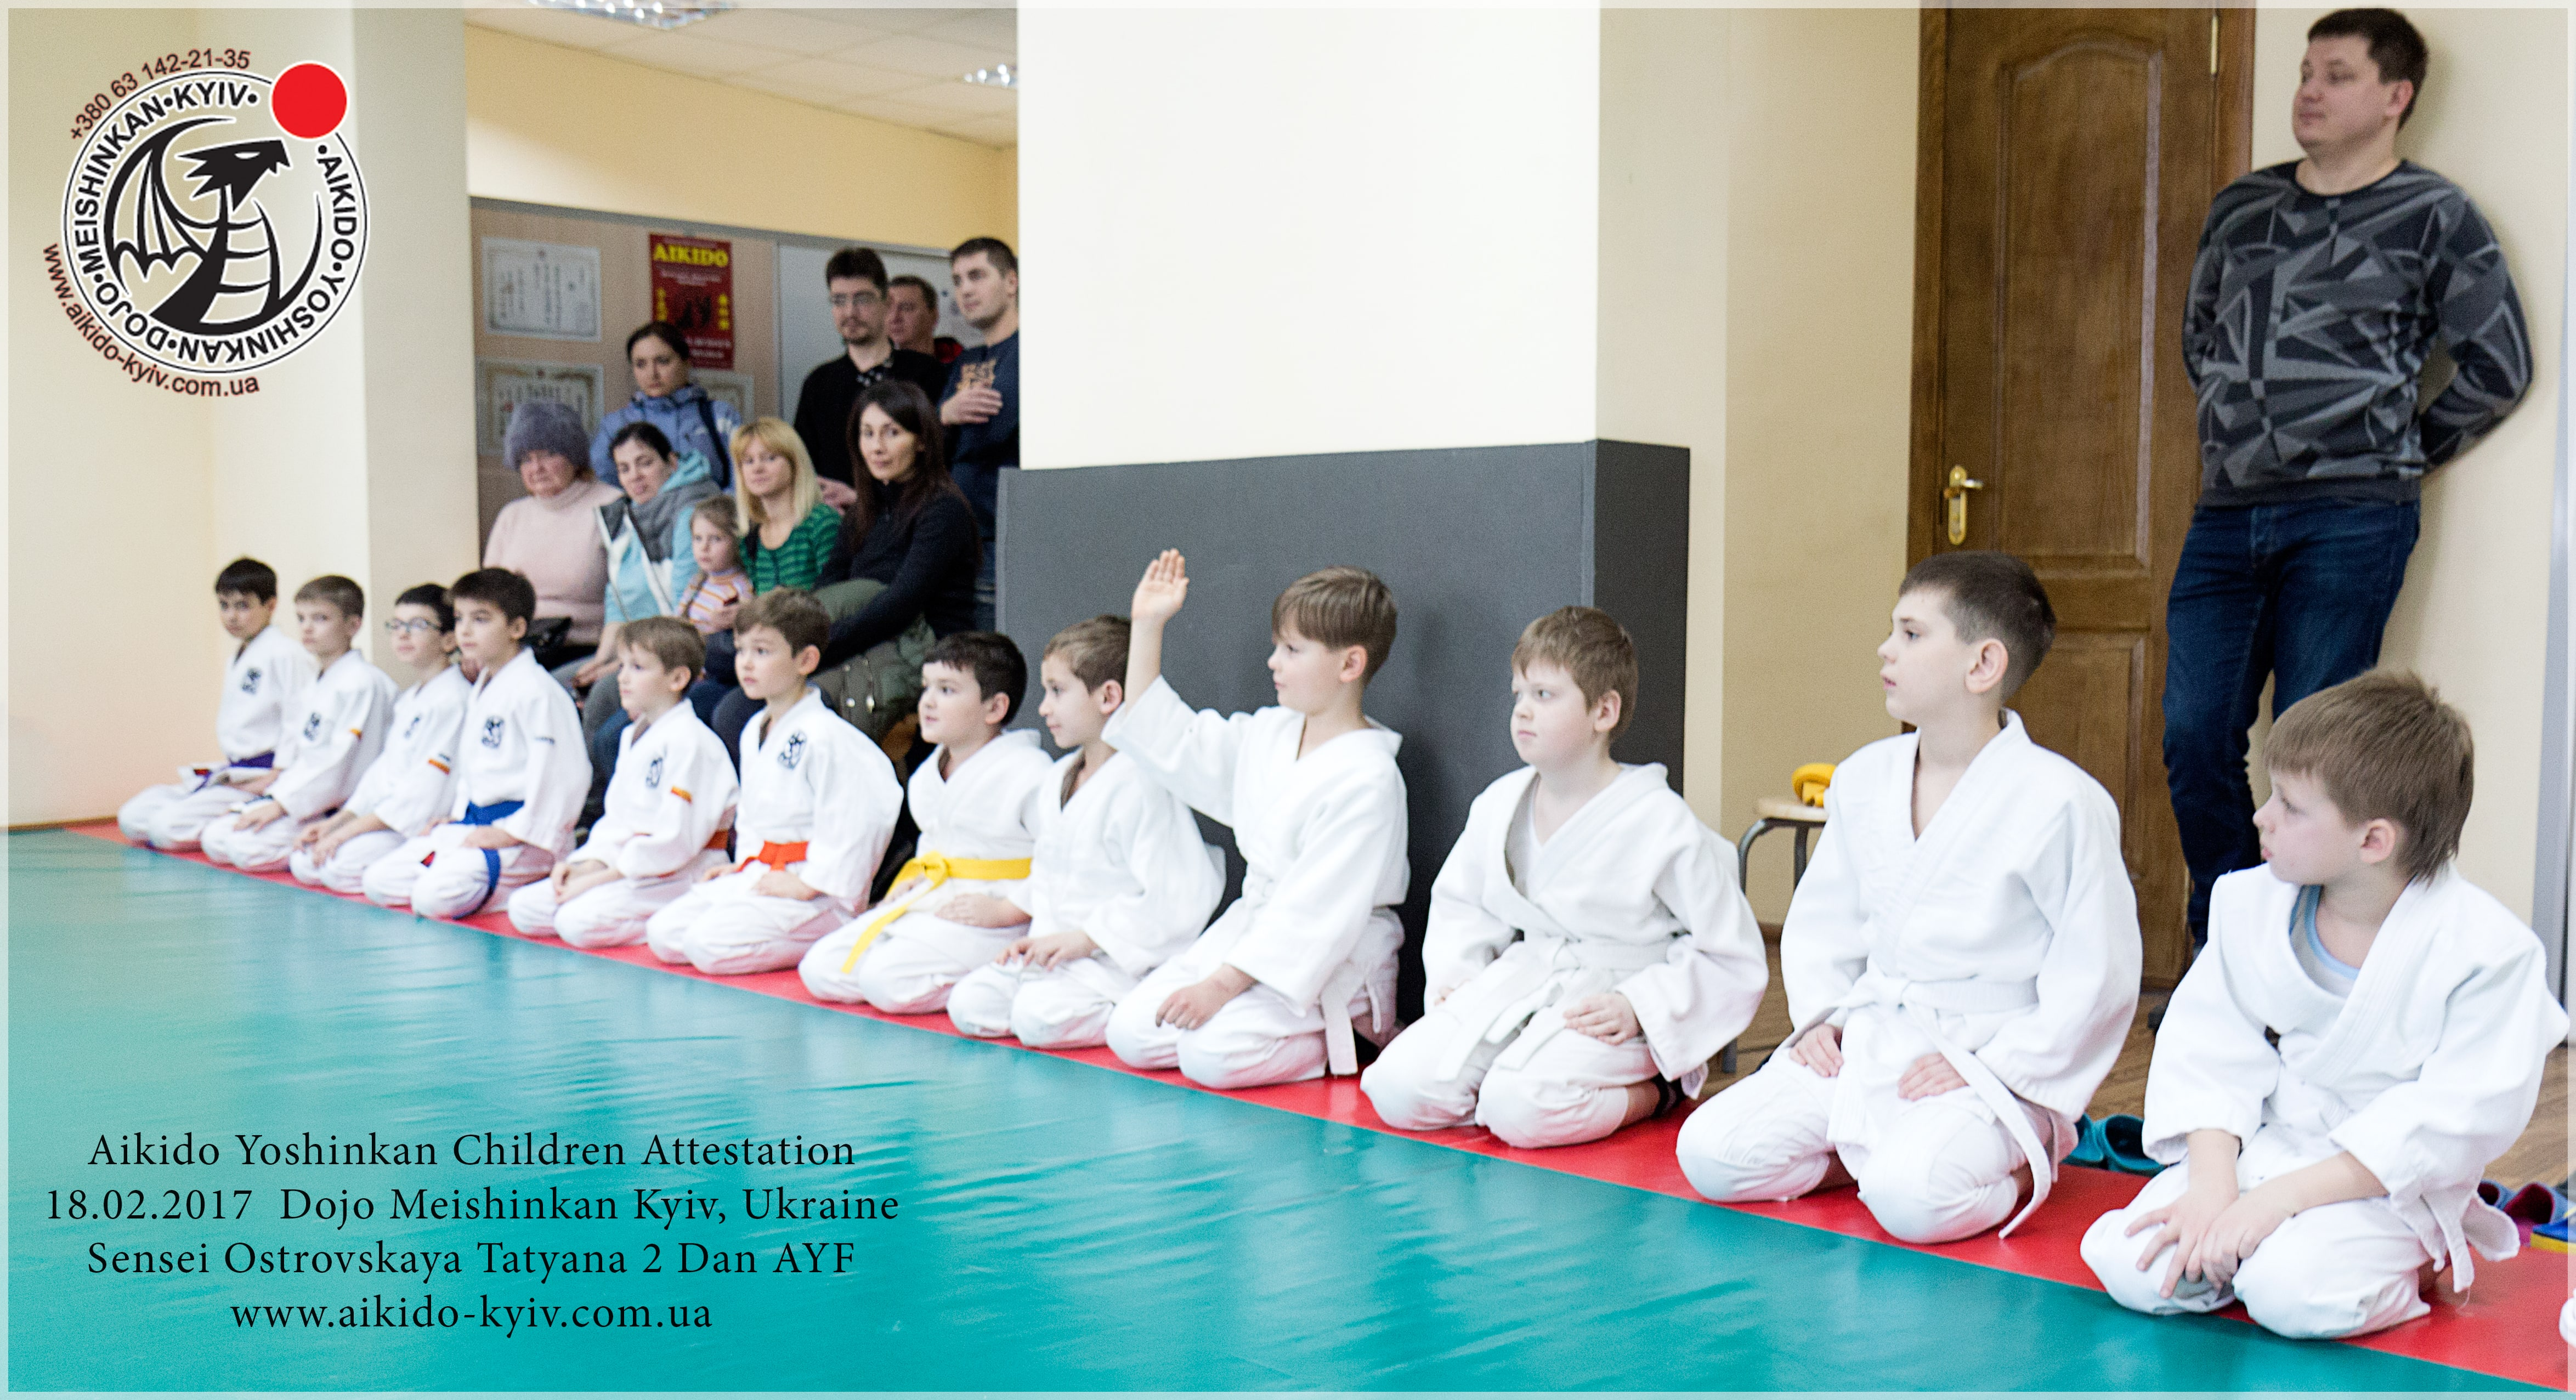 17киев-спорт-айкидо-ребенок-min